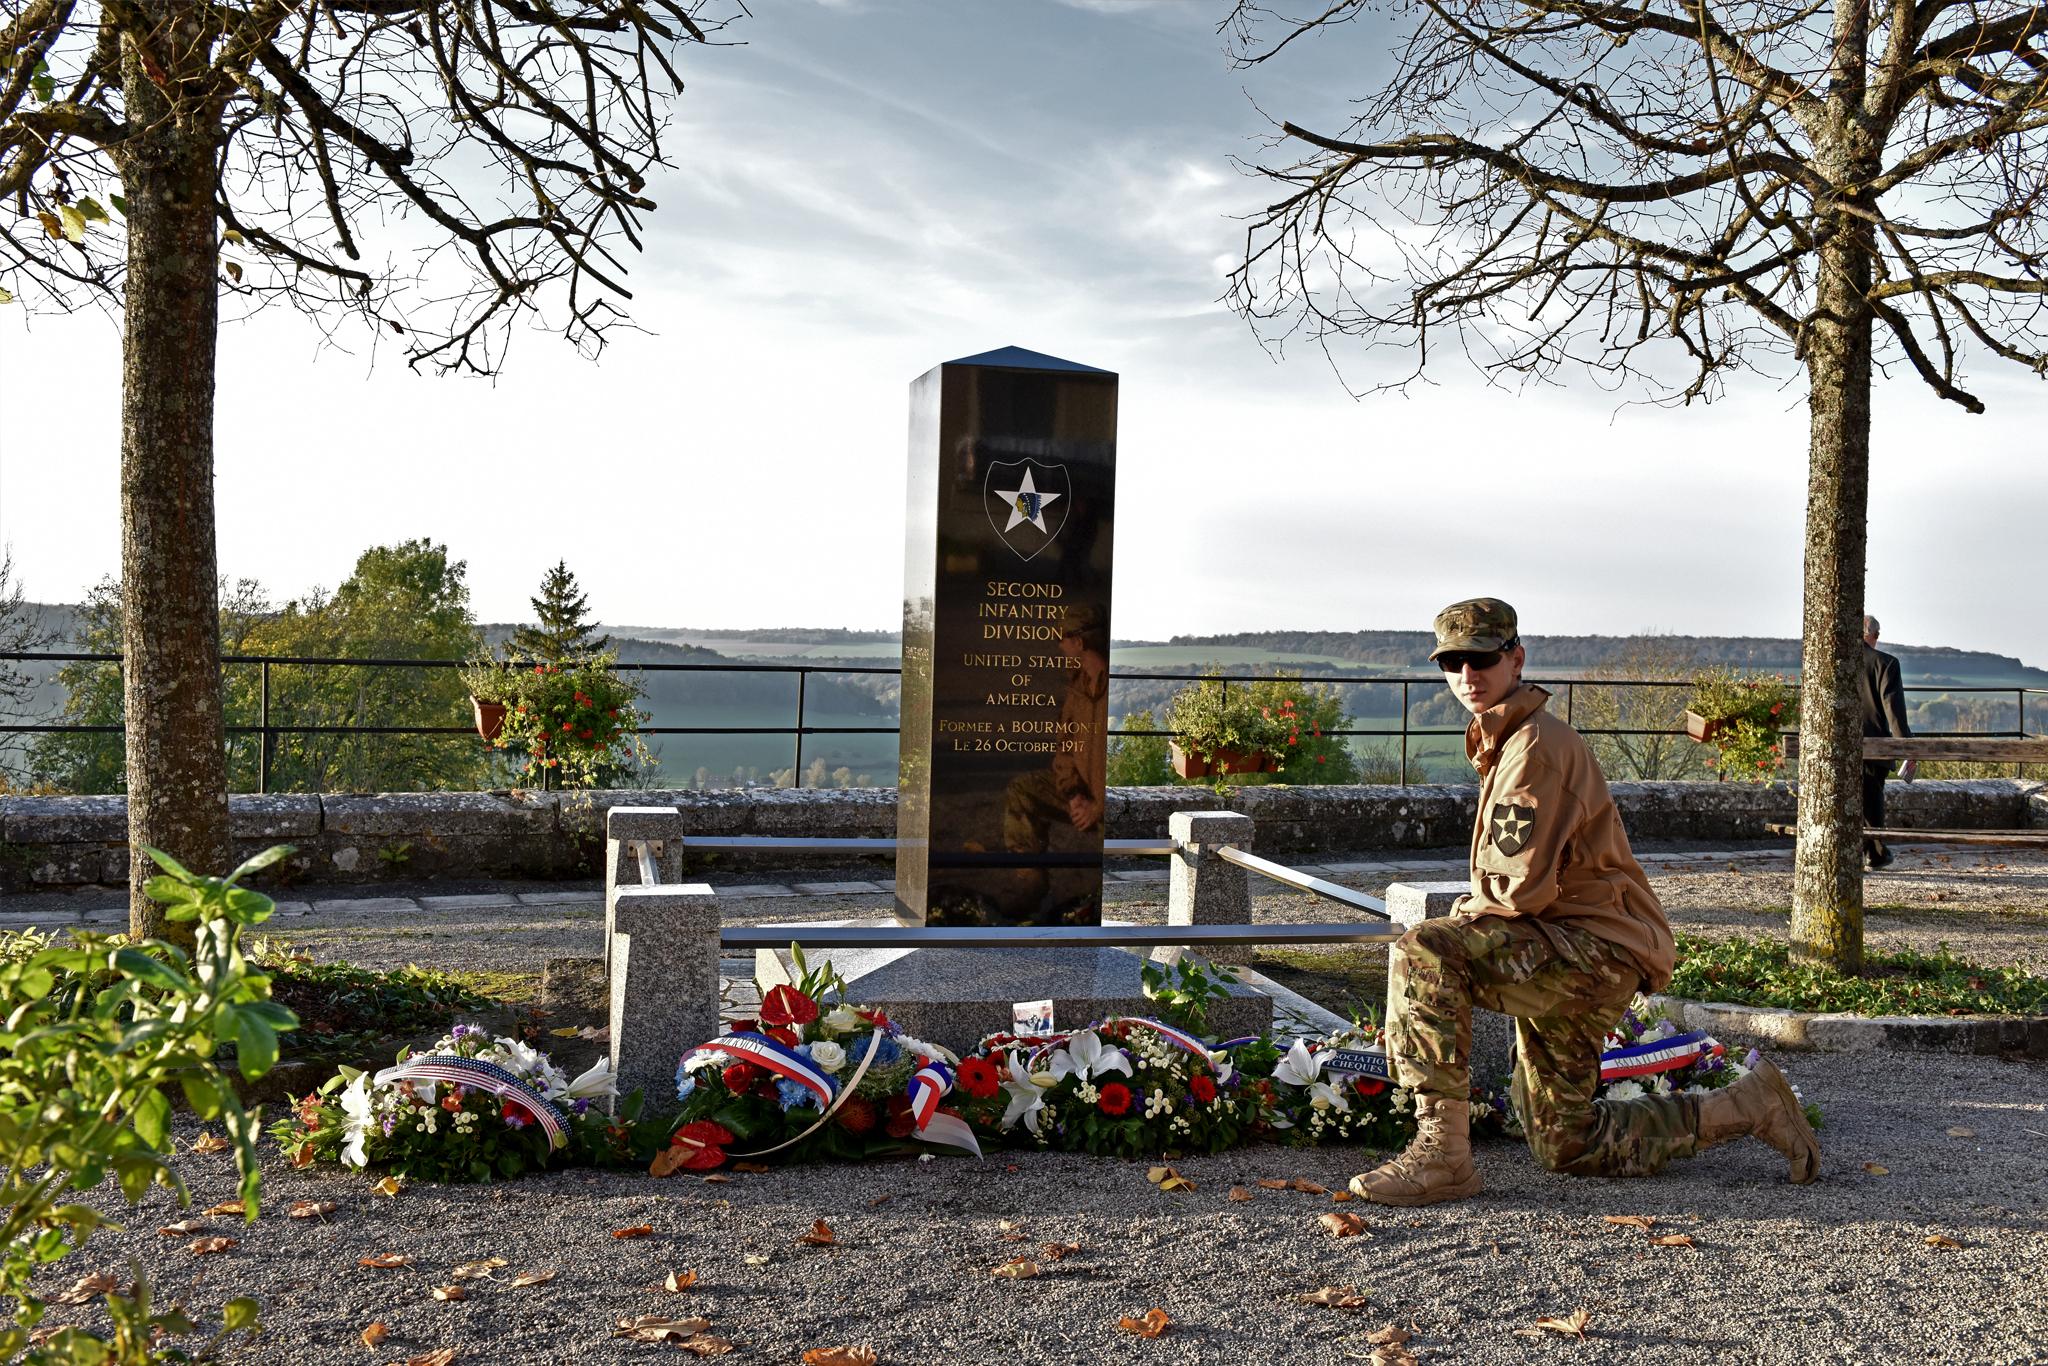 SSG Černý u pomníku druhé pěší divize ve francouzském Bourmontu. Zde jsme se zúčastnili oslav stého založení jednotky.